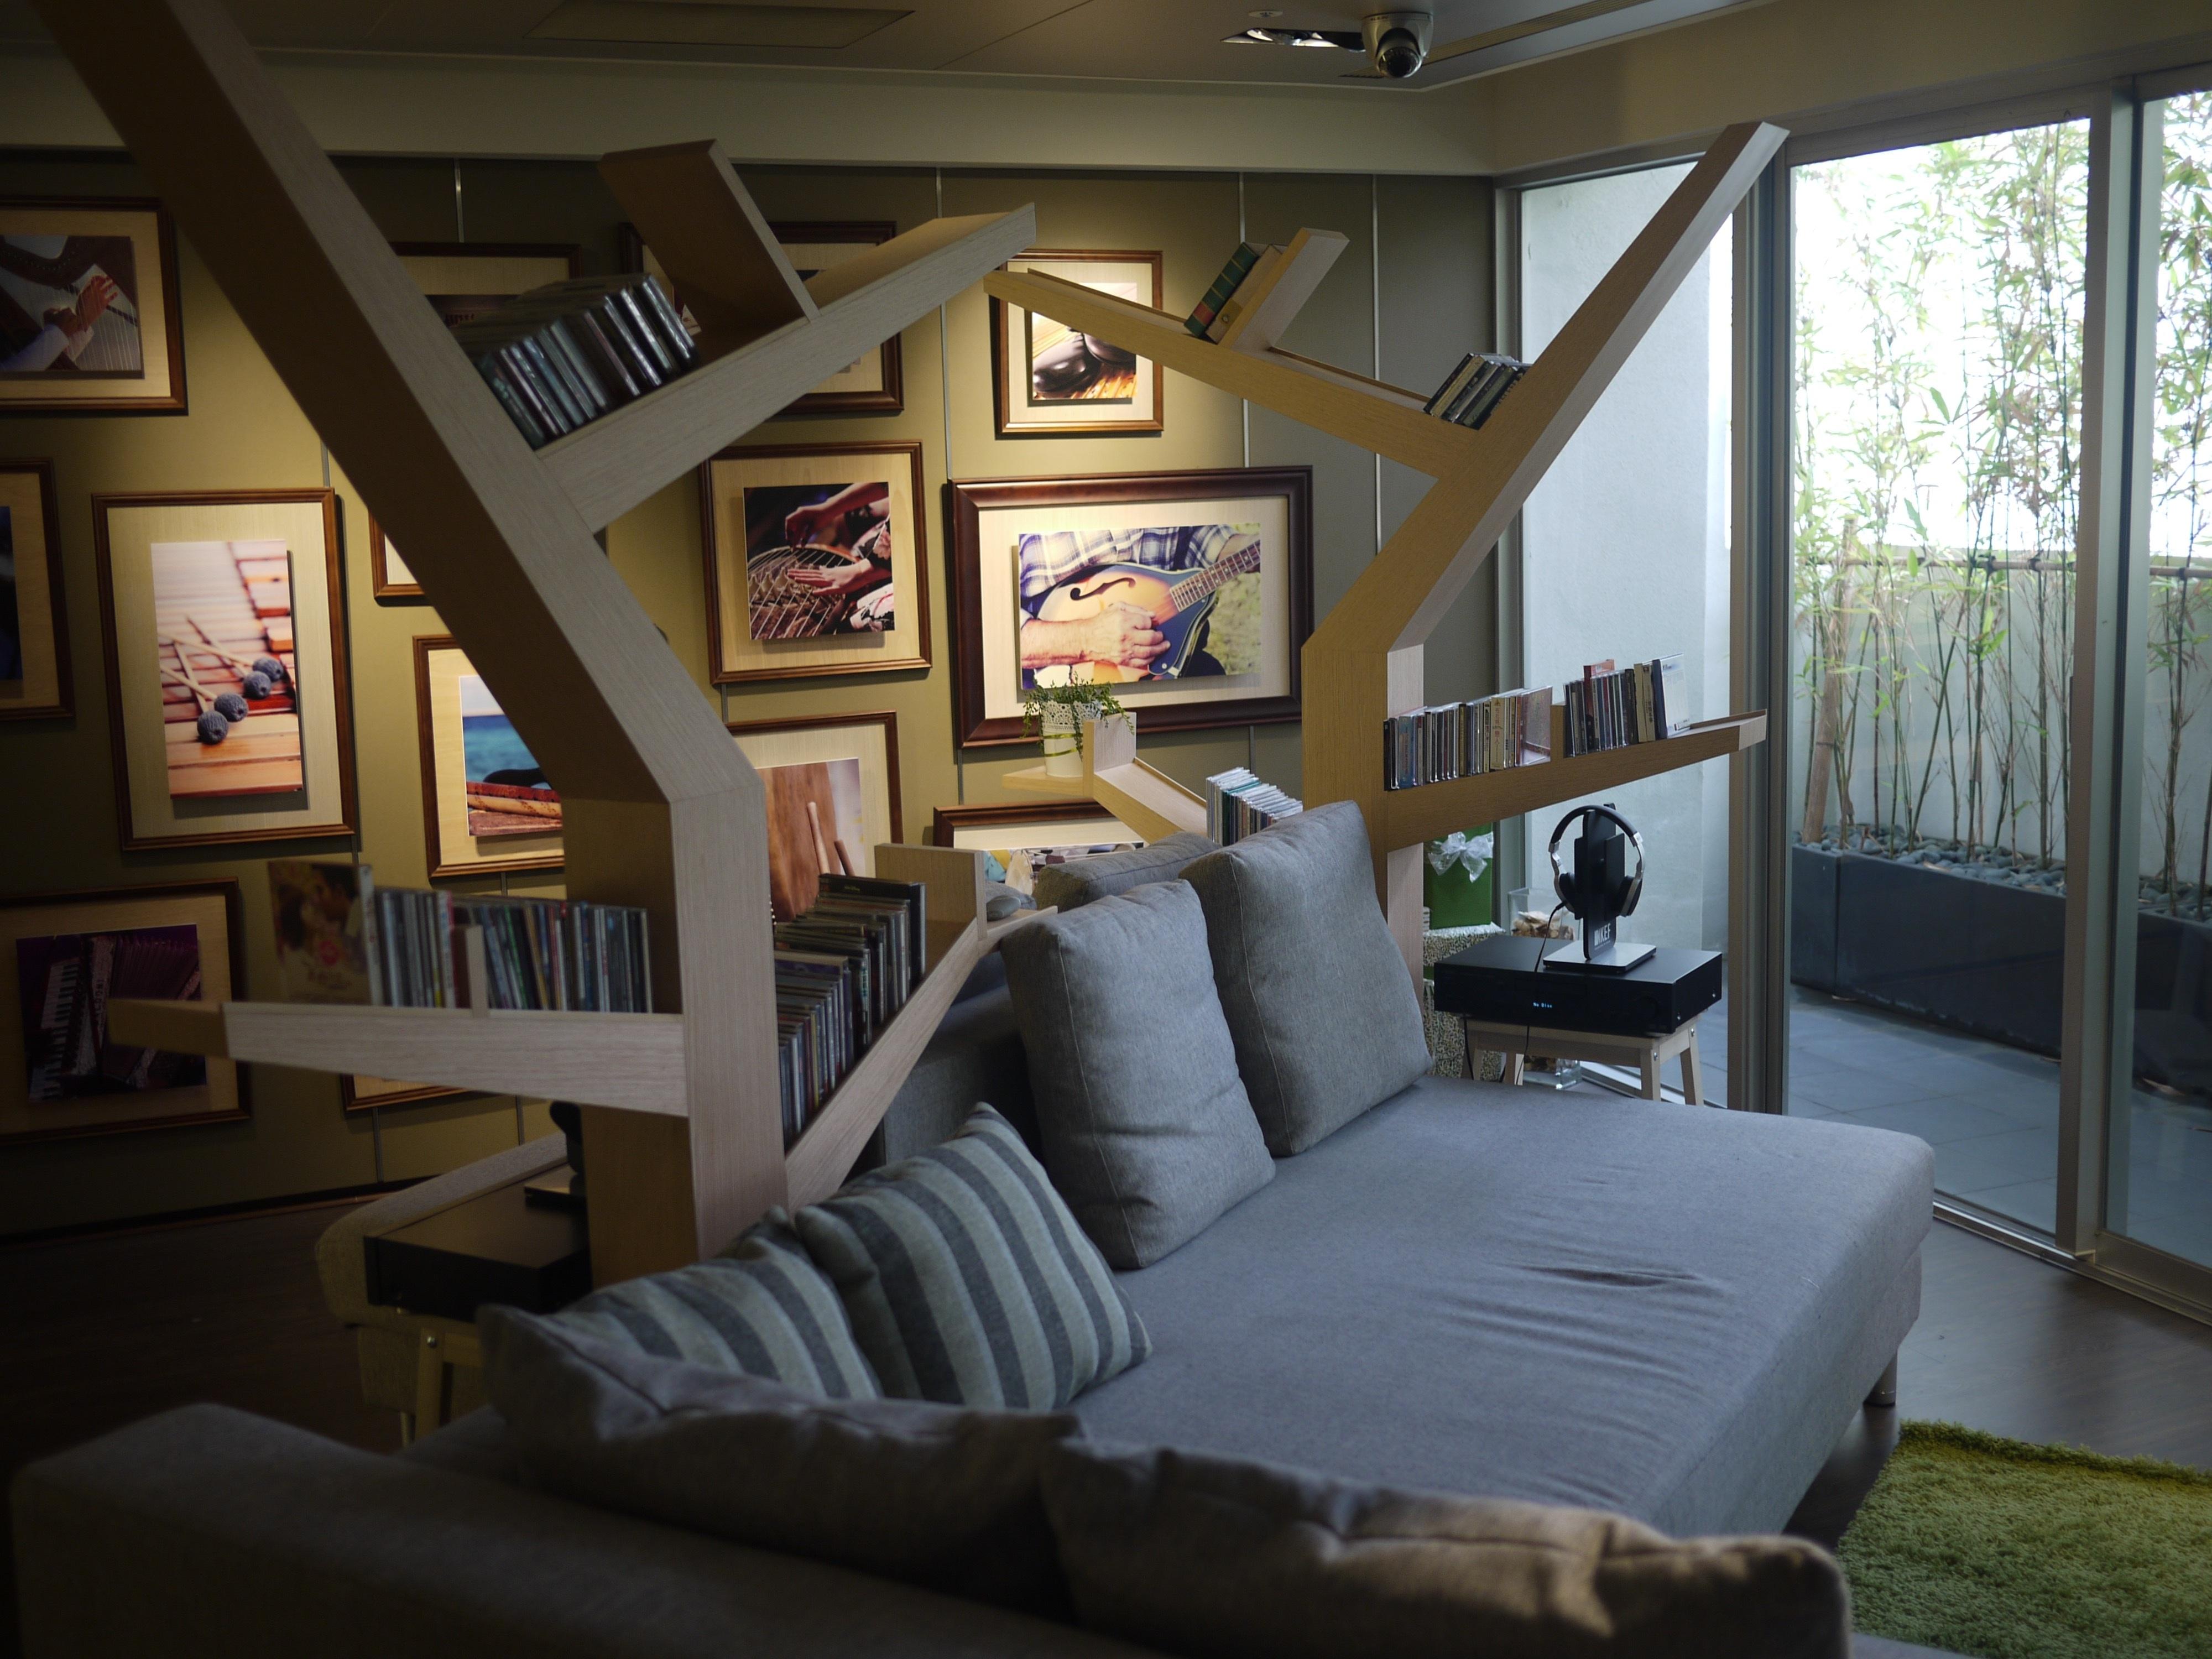 Haus Fenster Zuhause Hütte Drinnen Eigentum Wohnzimmer Möbel Zimmer Sofa  Innenarchitektur Entwurf Komfort Immobilien